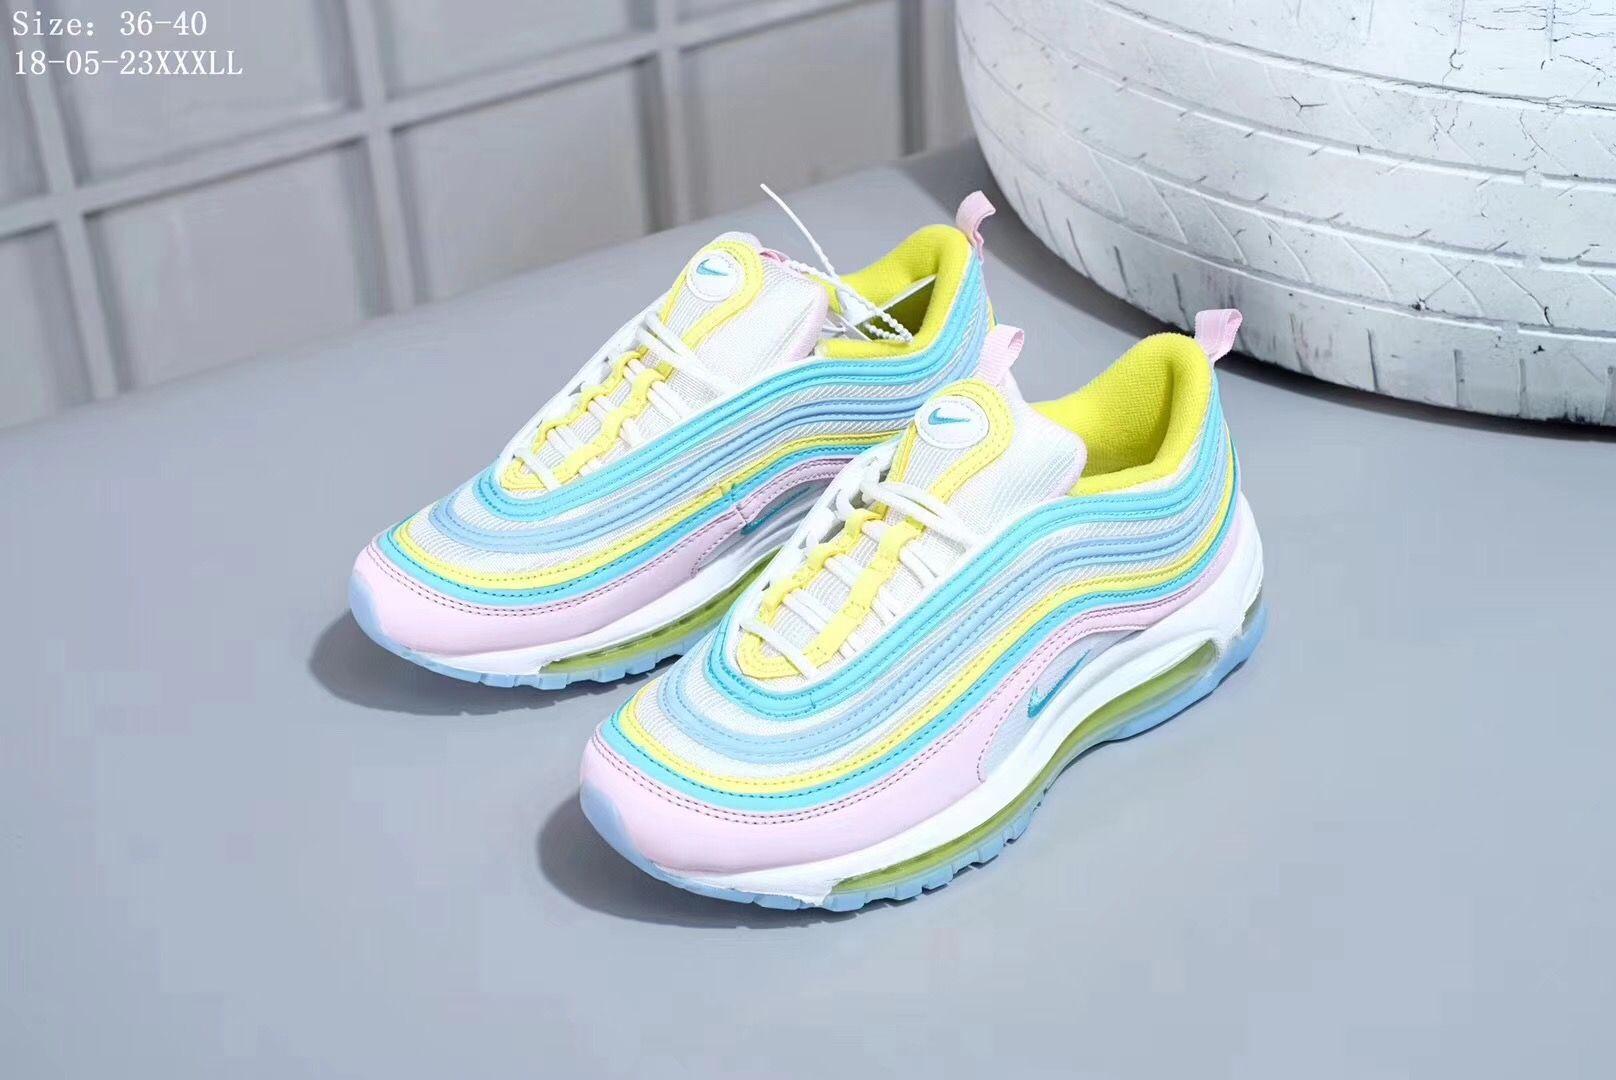 4590315d9e5 Nike Air Max 97 corduroy pink